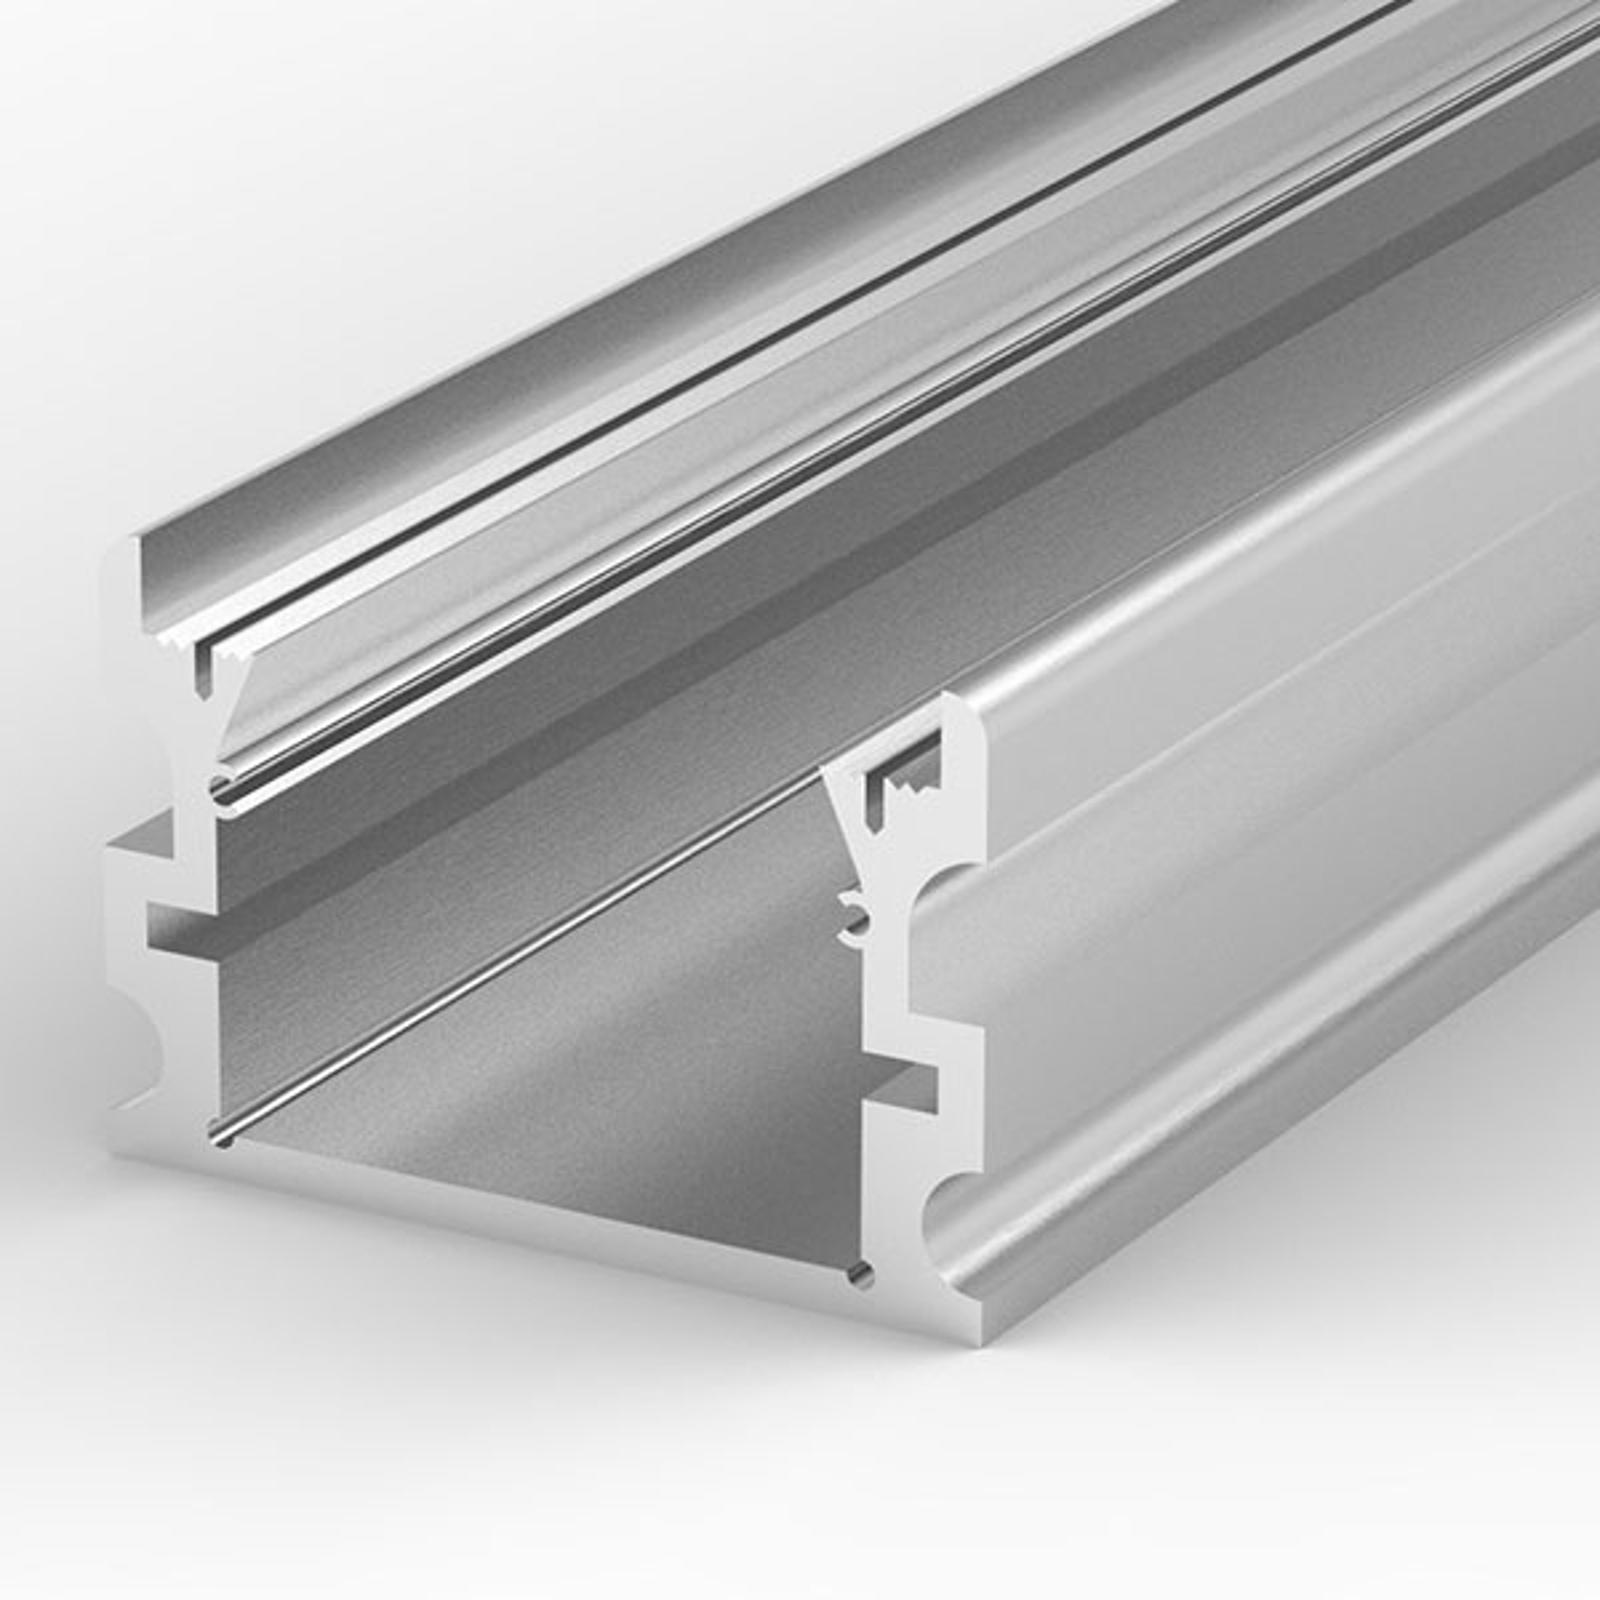 PEP 24-2 LED-Lichtleiste für den Außenbereich